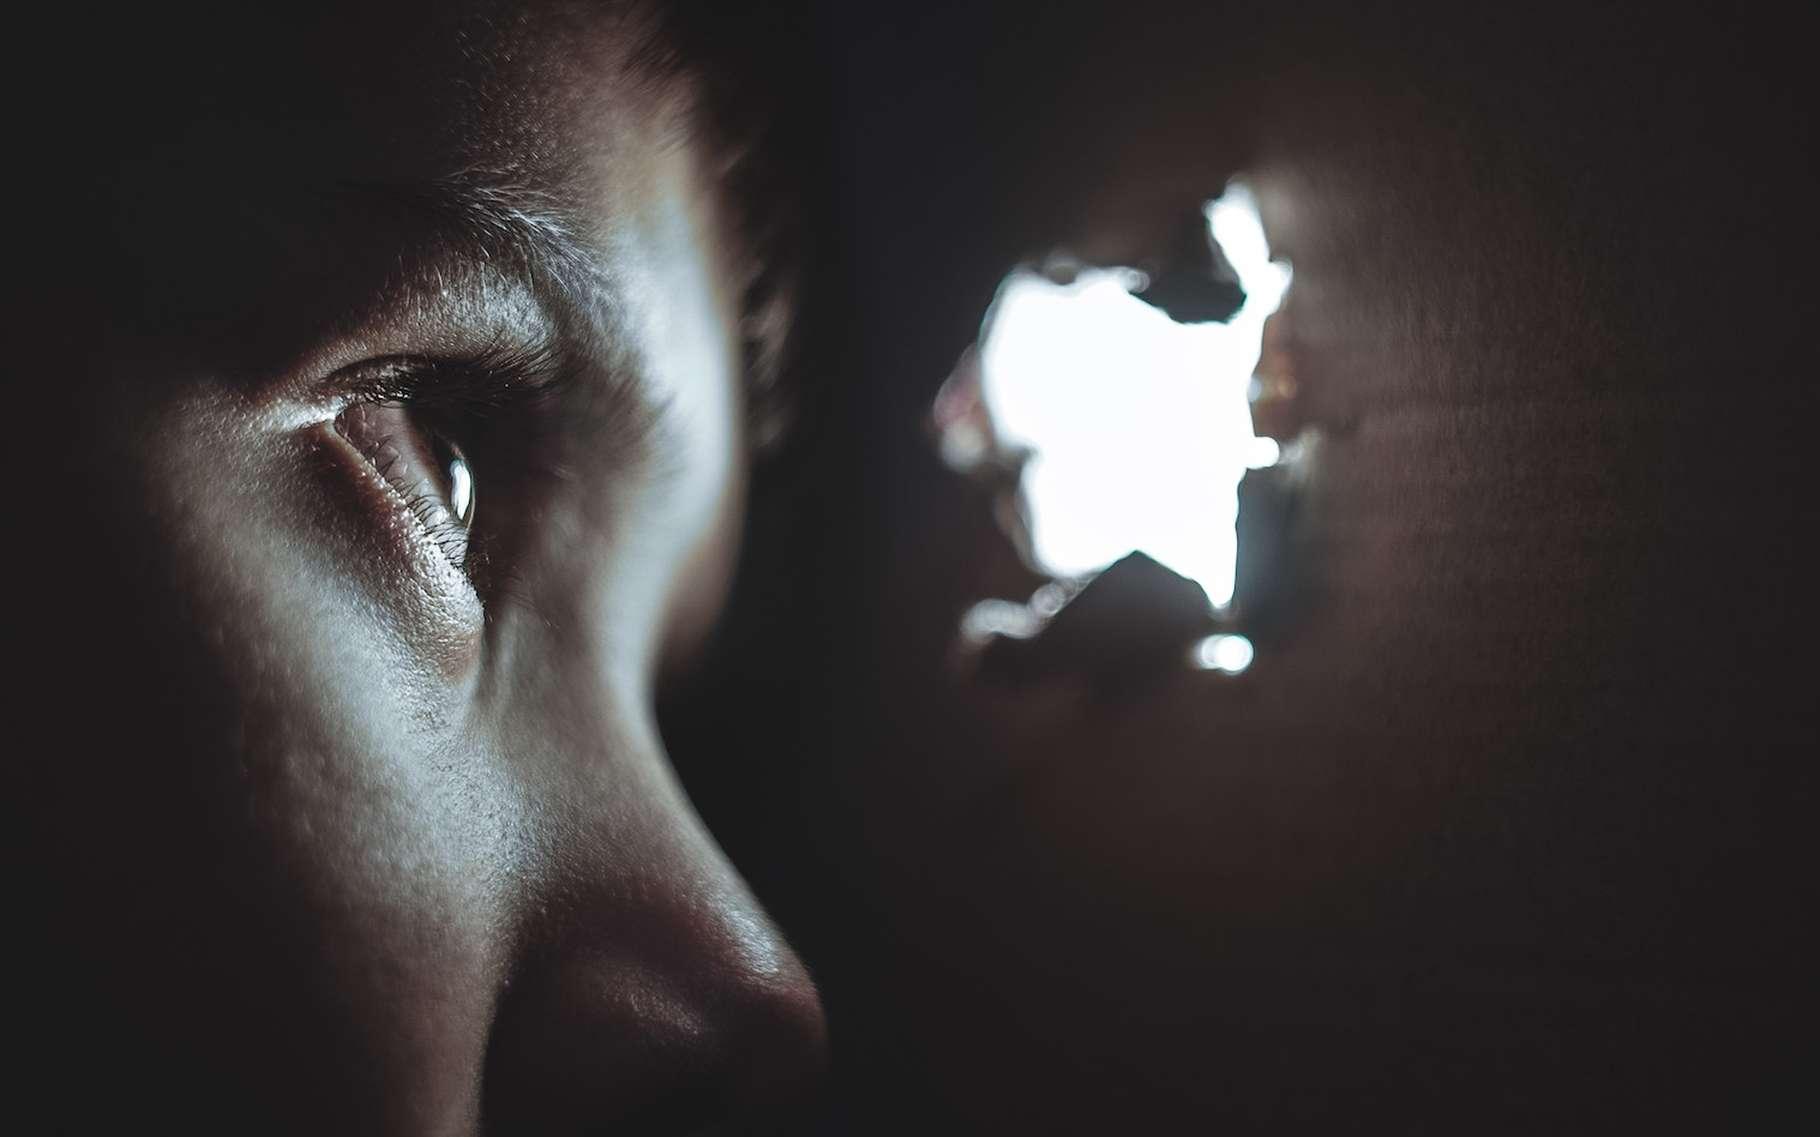 Comme Saint Thomas devrions-nous ne croire que ce que nous voyons? Peut-être devrions-nous aussi nous méfier justement de ce que nous voyons. © Dmitry Ratushny, Unsplash